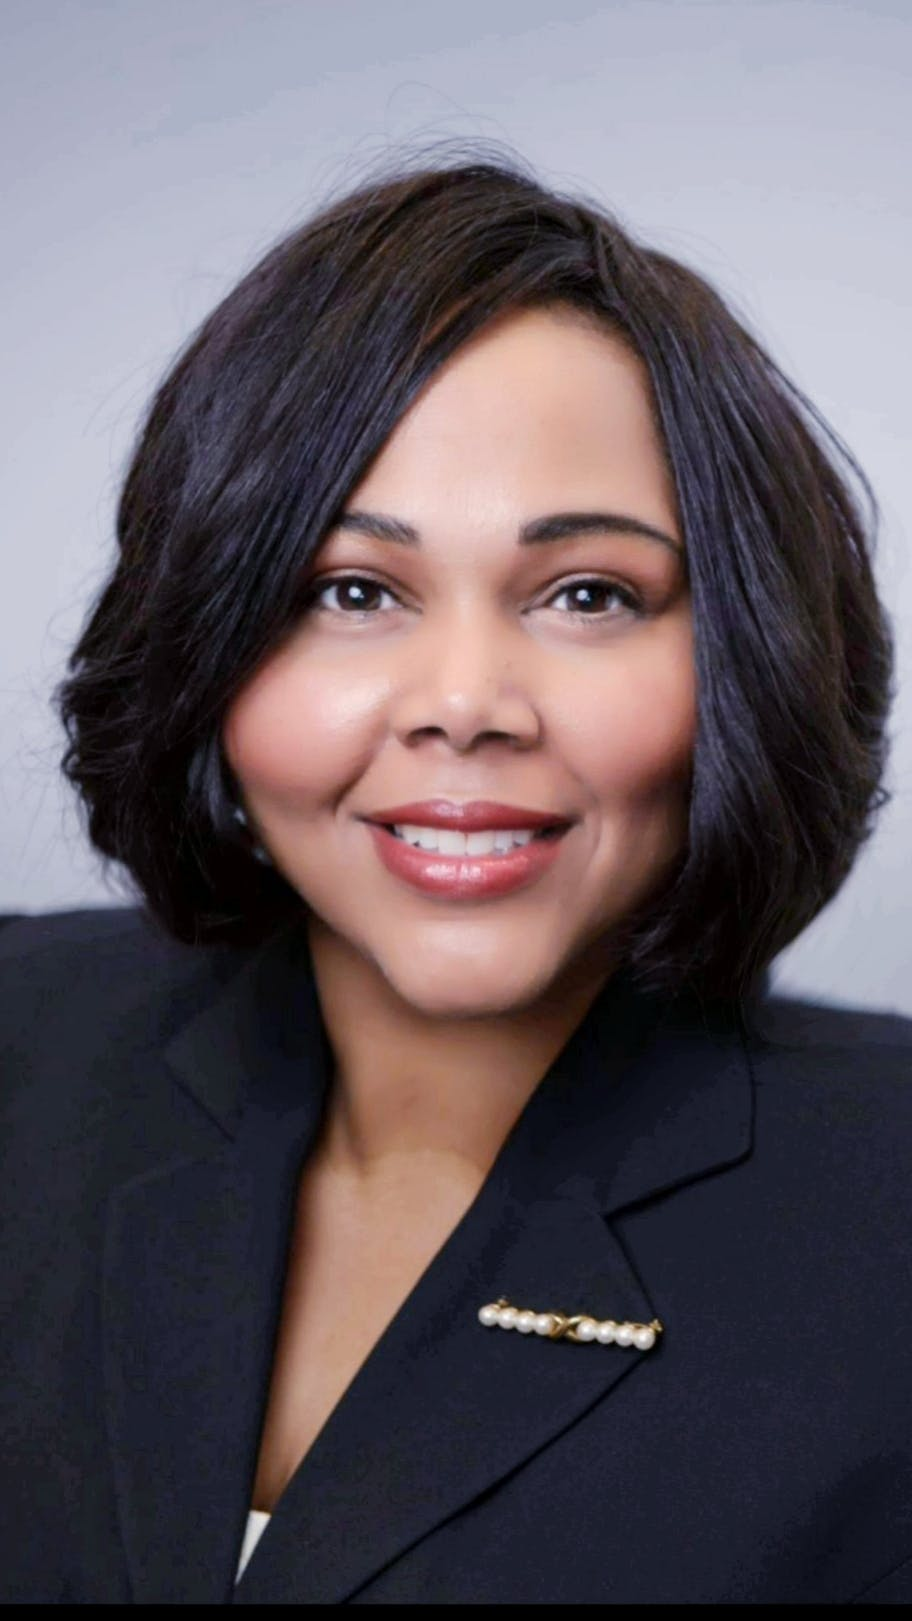 Portrait of Enforcement Chief, Public Ethics Commission, Kellie Johnson